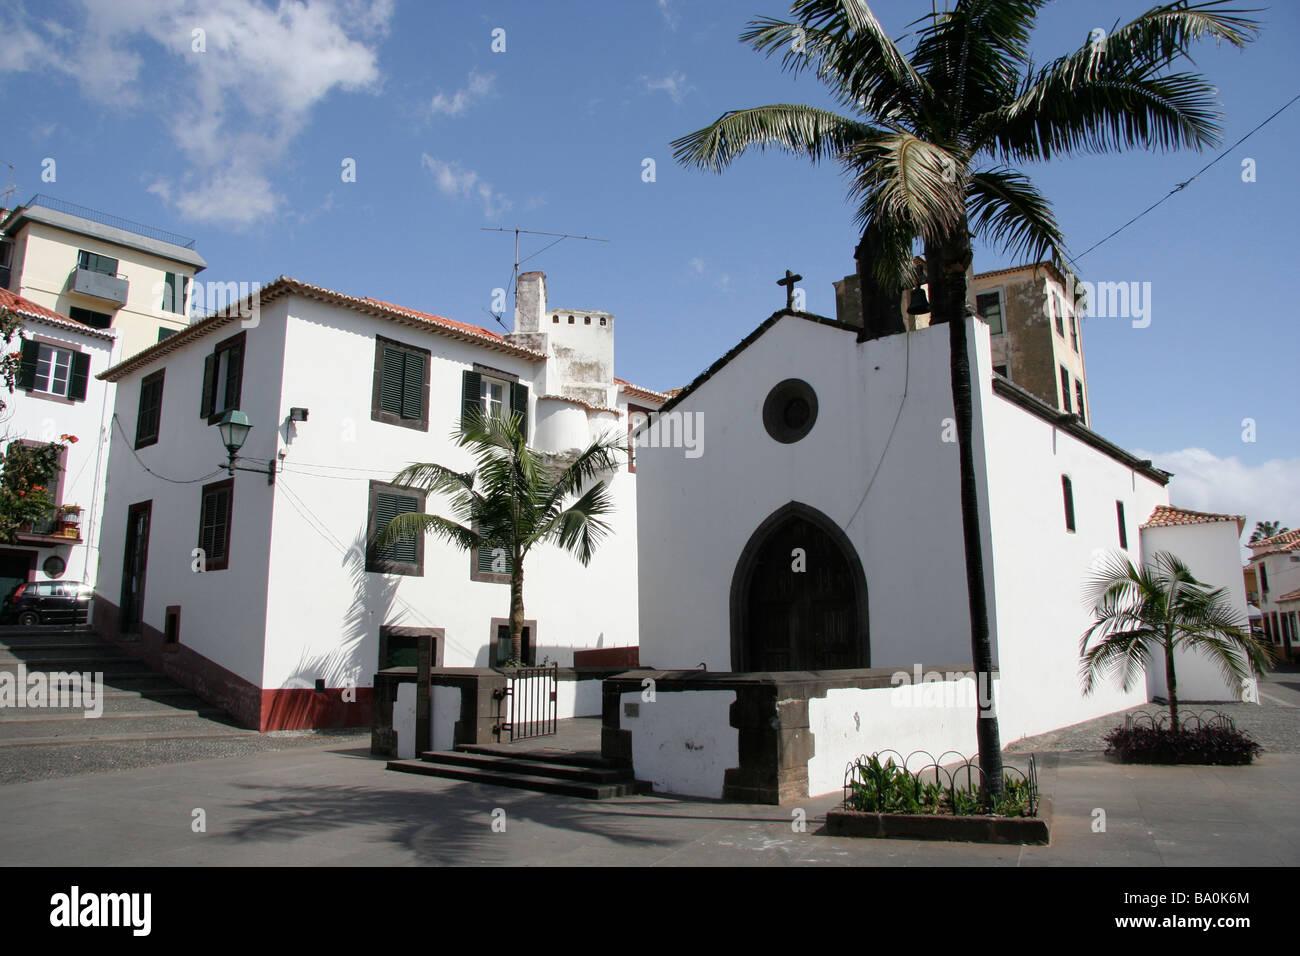 Una cappella Capela do Corpo nel quartiere del centro storico di Funchal Madeira Zona Velha Immagini Stock